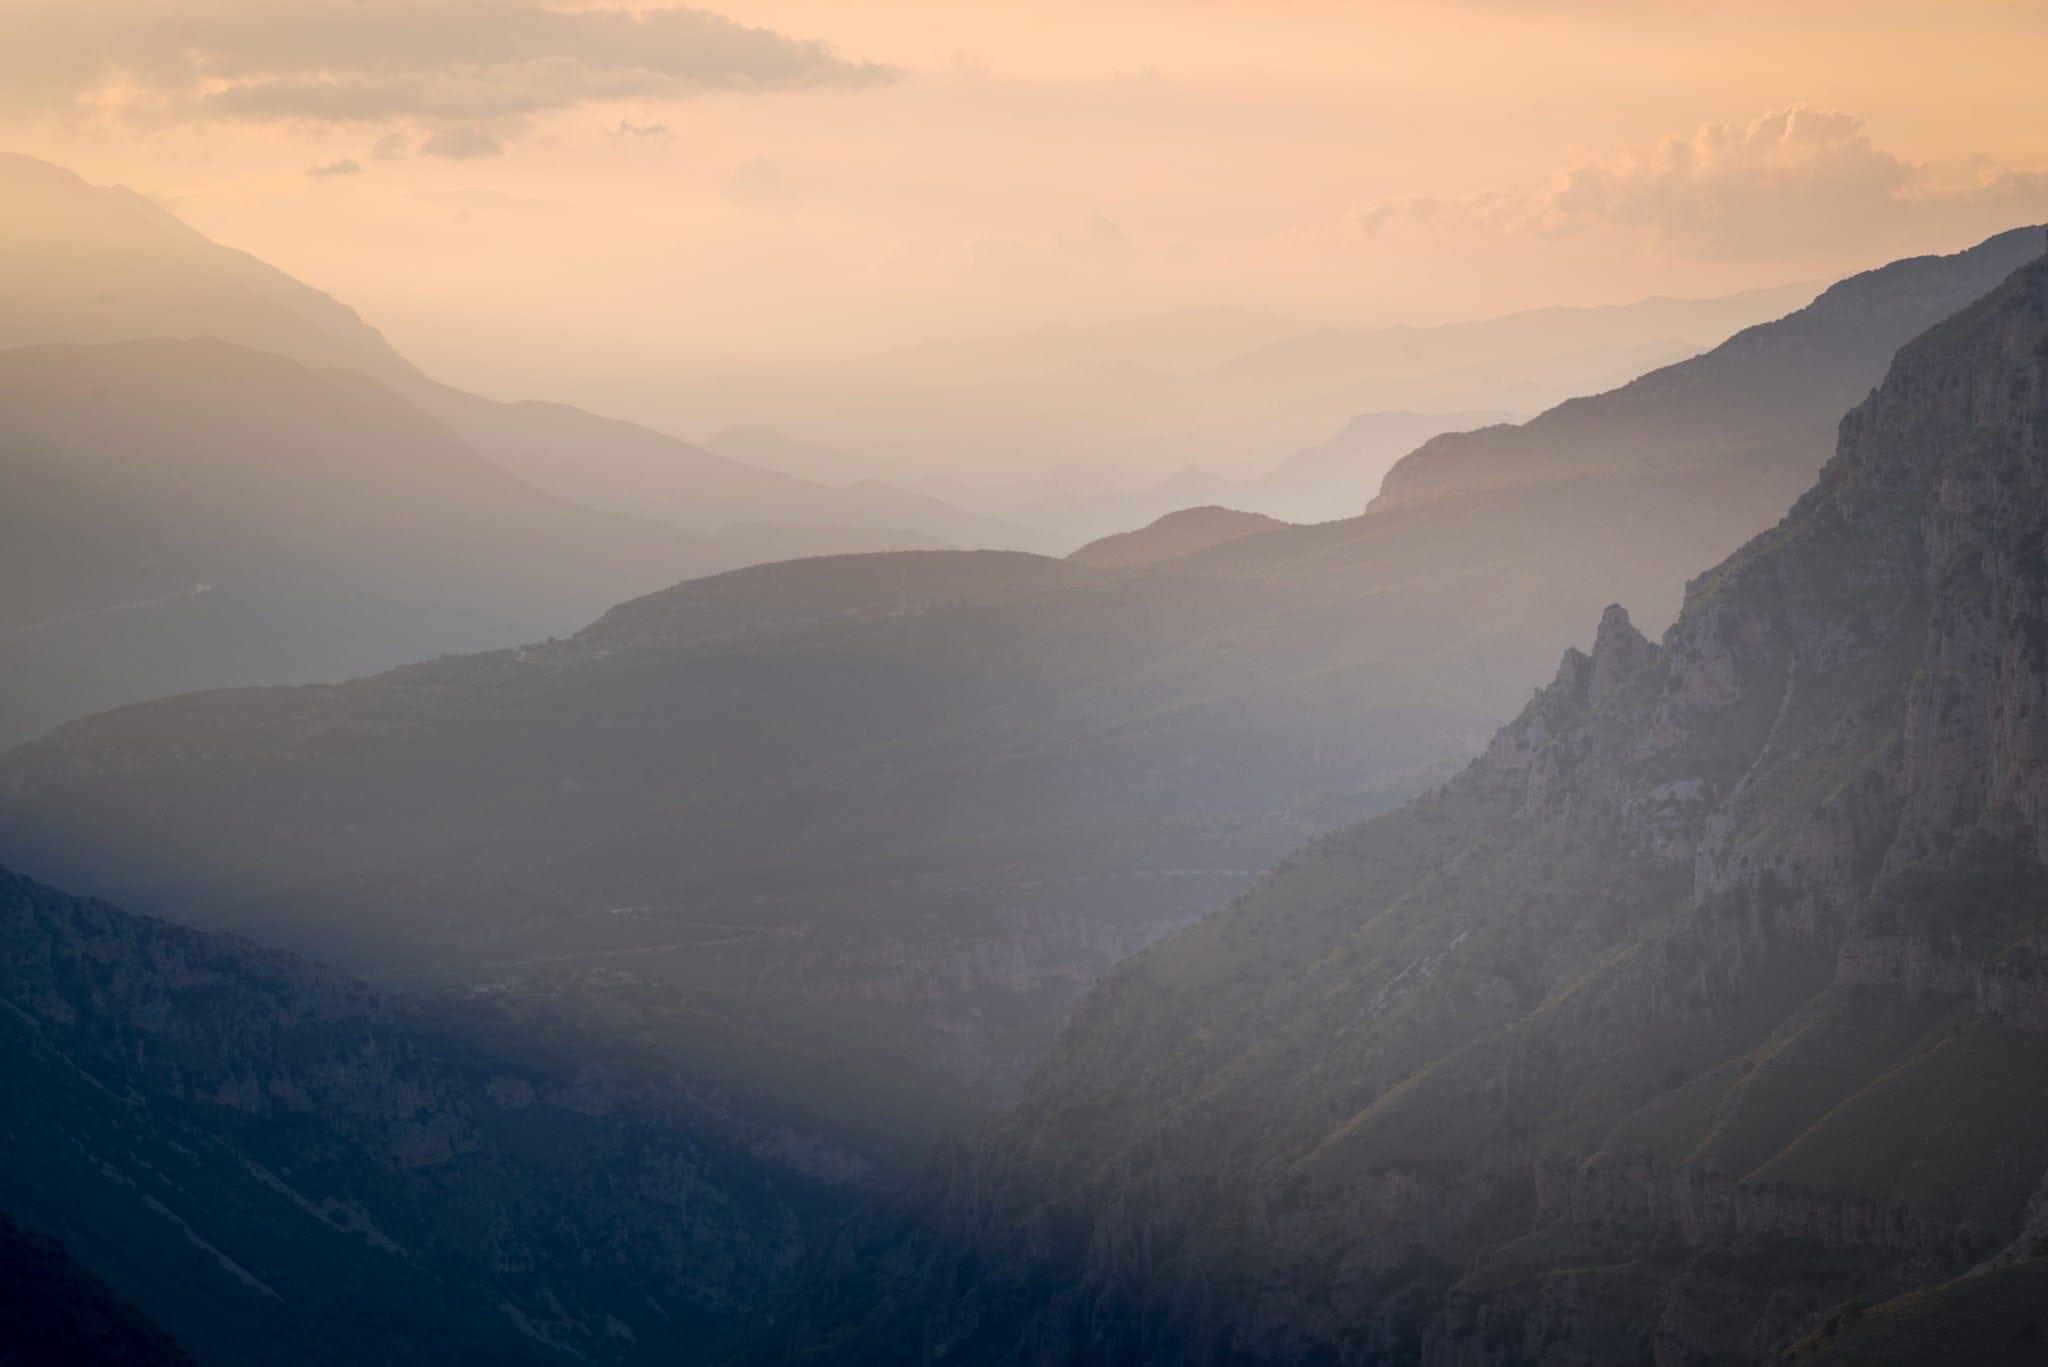 Vikos Gorge Mountains - Greece Zagoria Photography Workshop